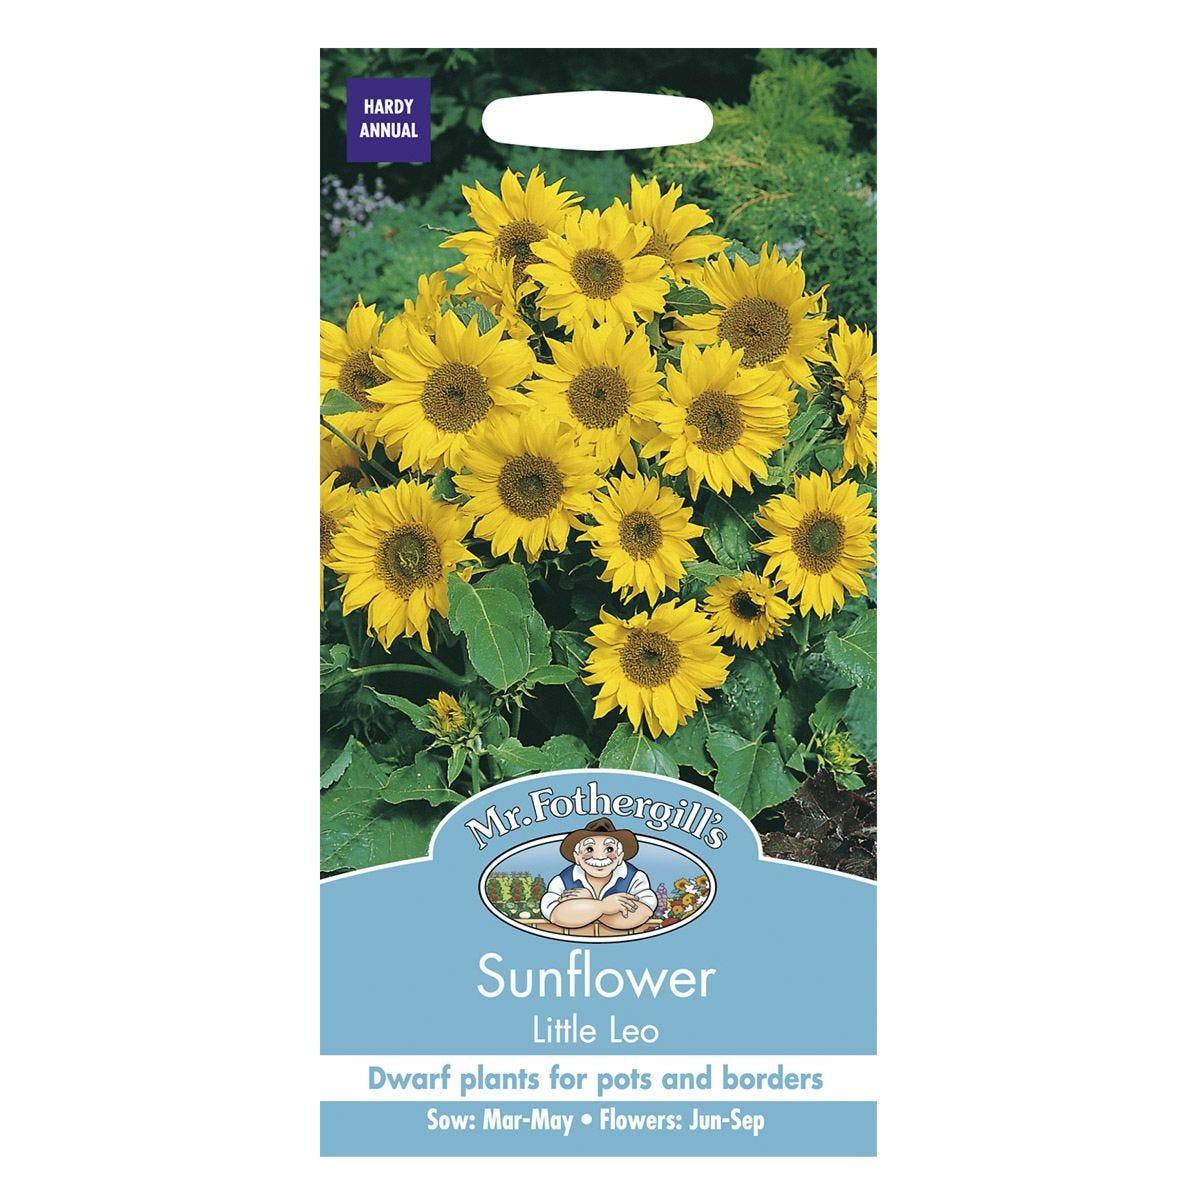 Mr Fothergill's Sunflower Little Leo Seeds